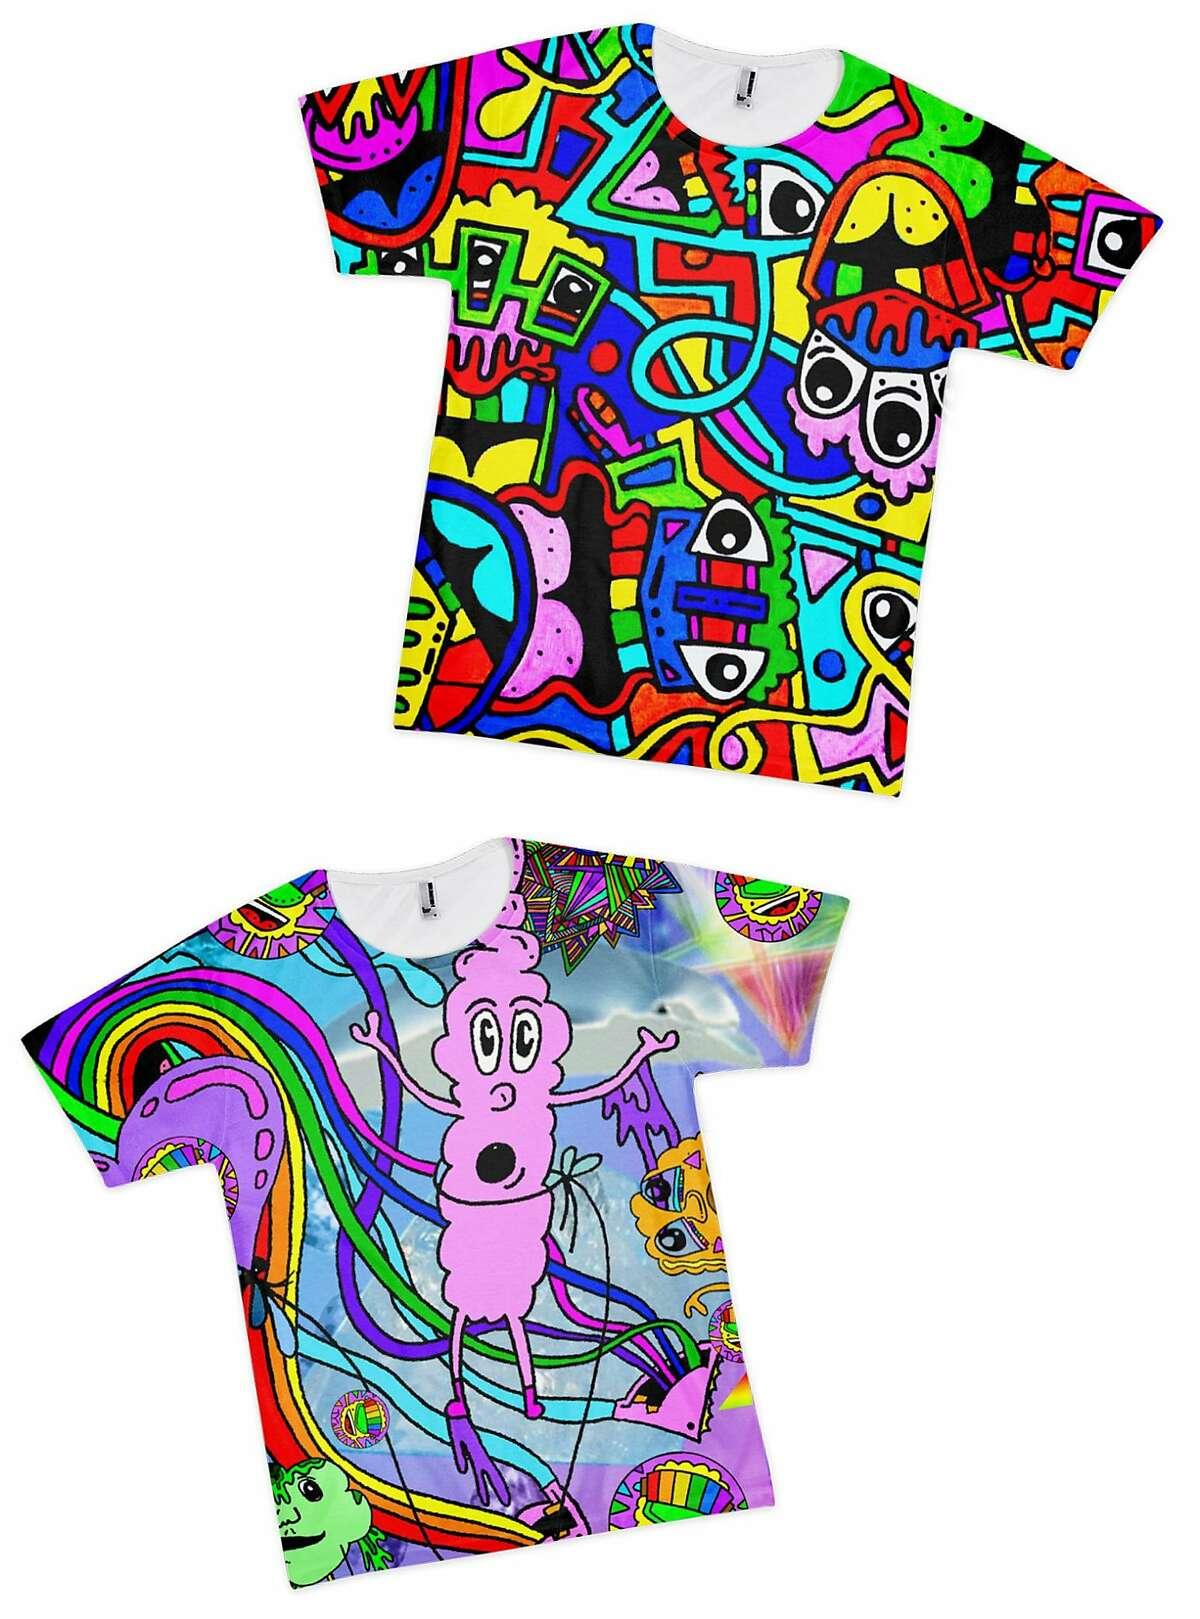 New York artist Tyler Wallach's t-shirt designs.